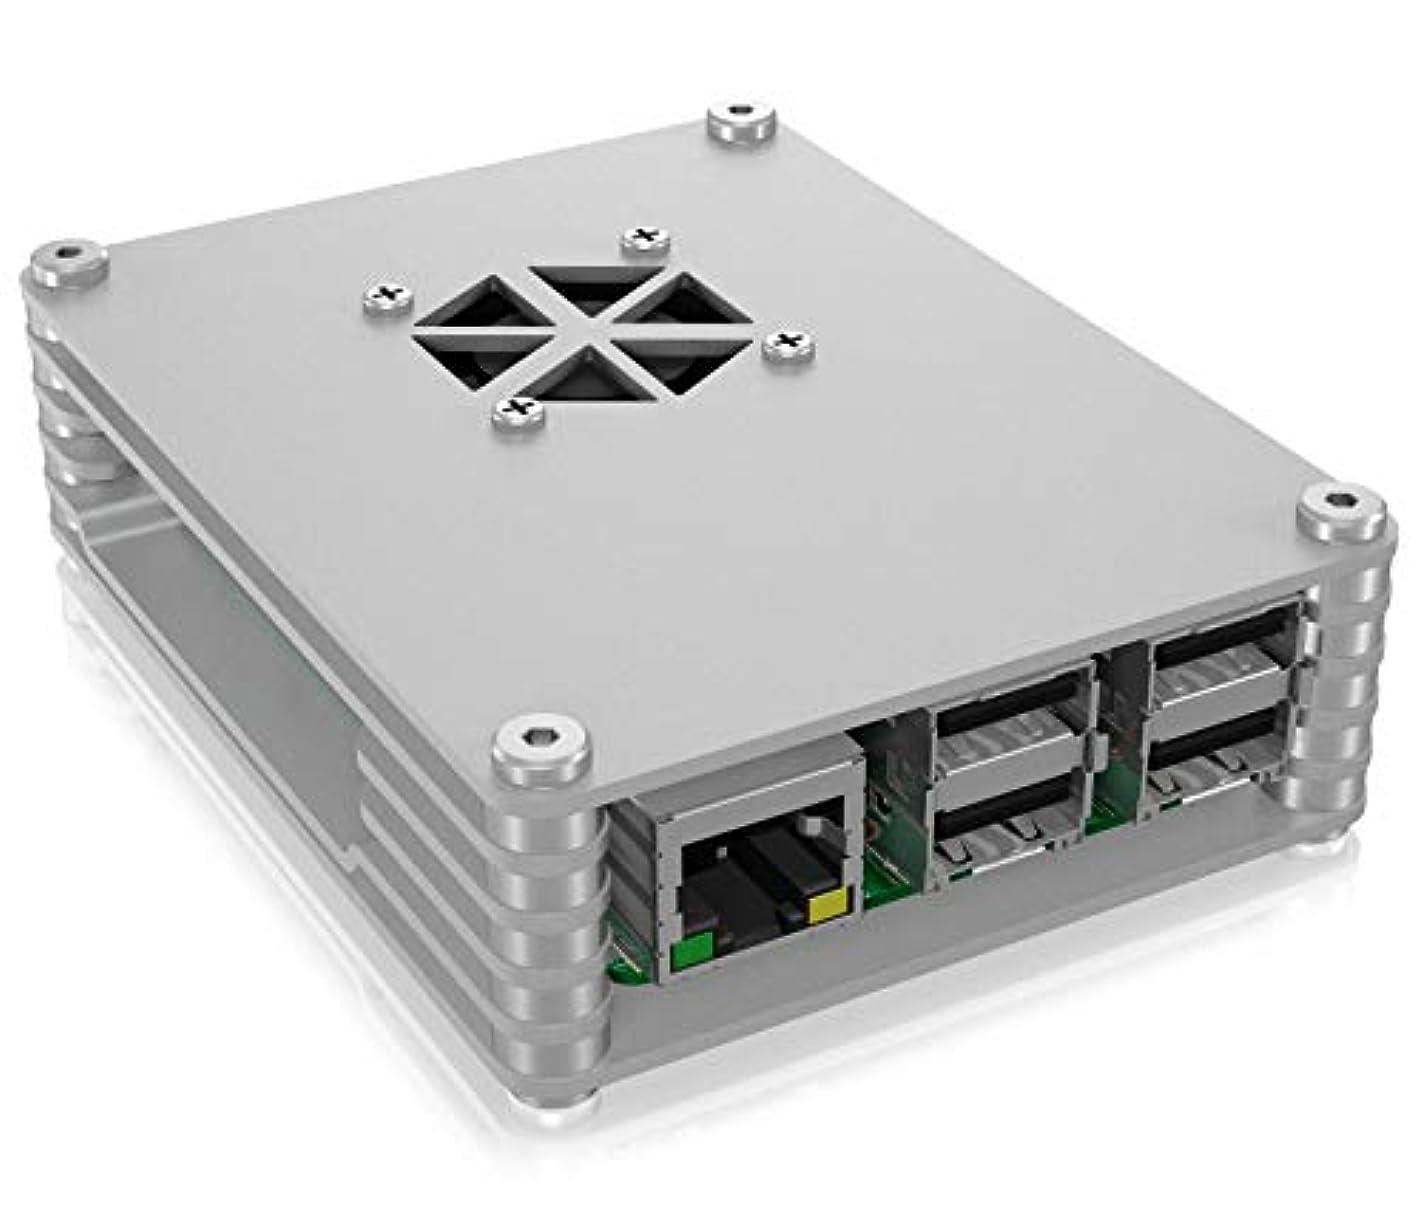 設置空白ピザIcy Box Open Raspberry Pi アルミニウムヒートシンクケース Raspberry Pi 3 Model B+、Pi 3、Pi 2用 シルバー